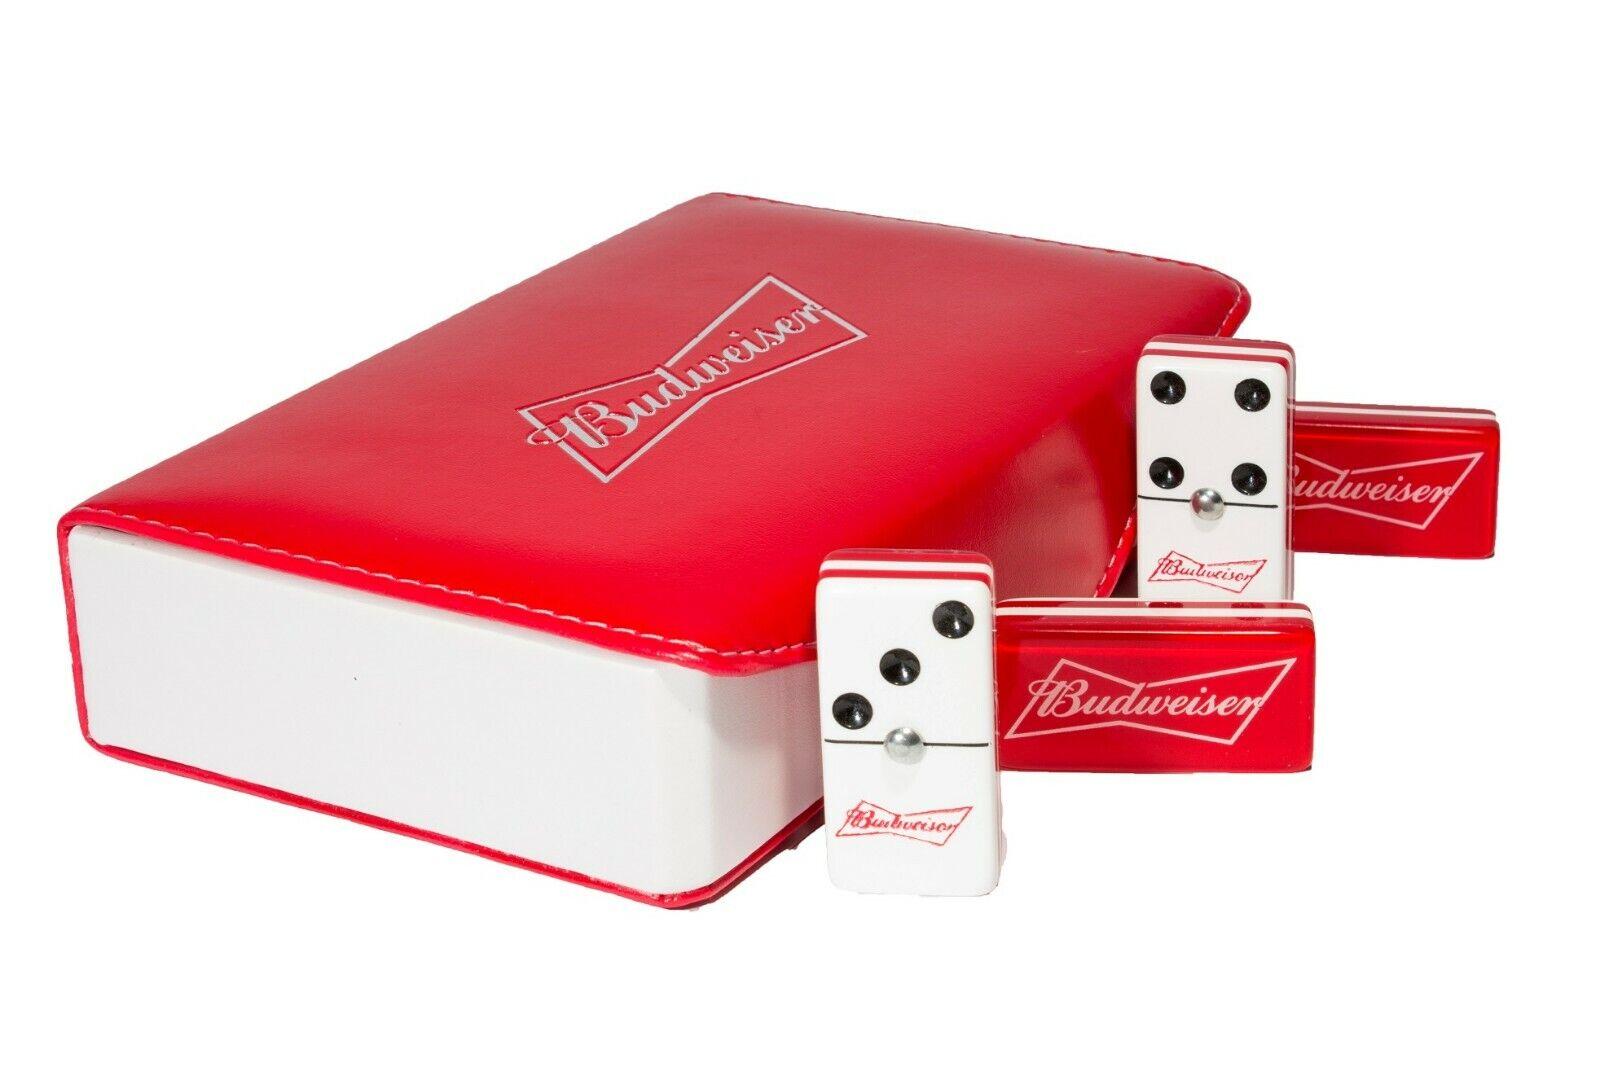 Budweiser Jumbo Domino Doble Seis, 5 capas 100% Acrílico